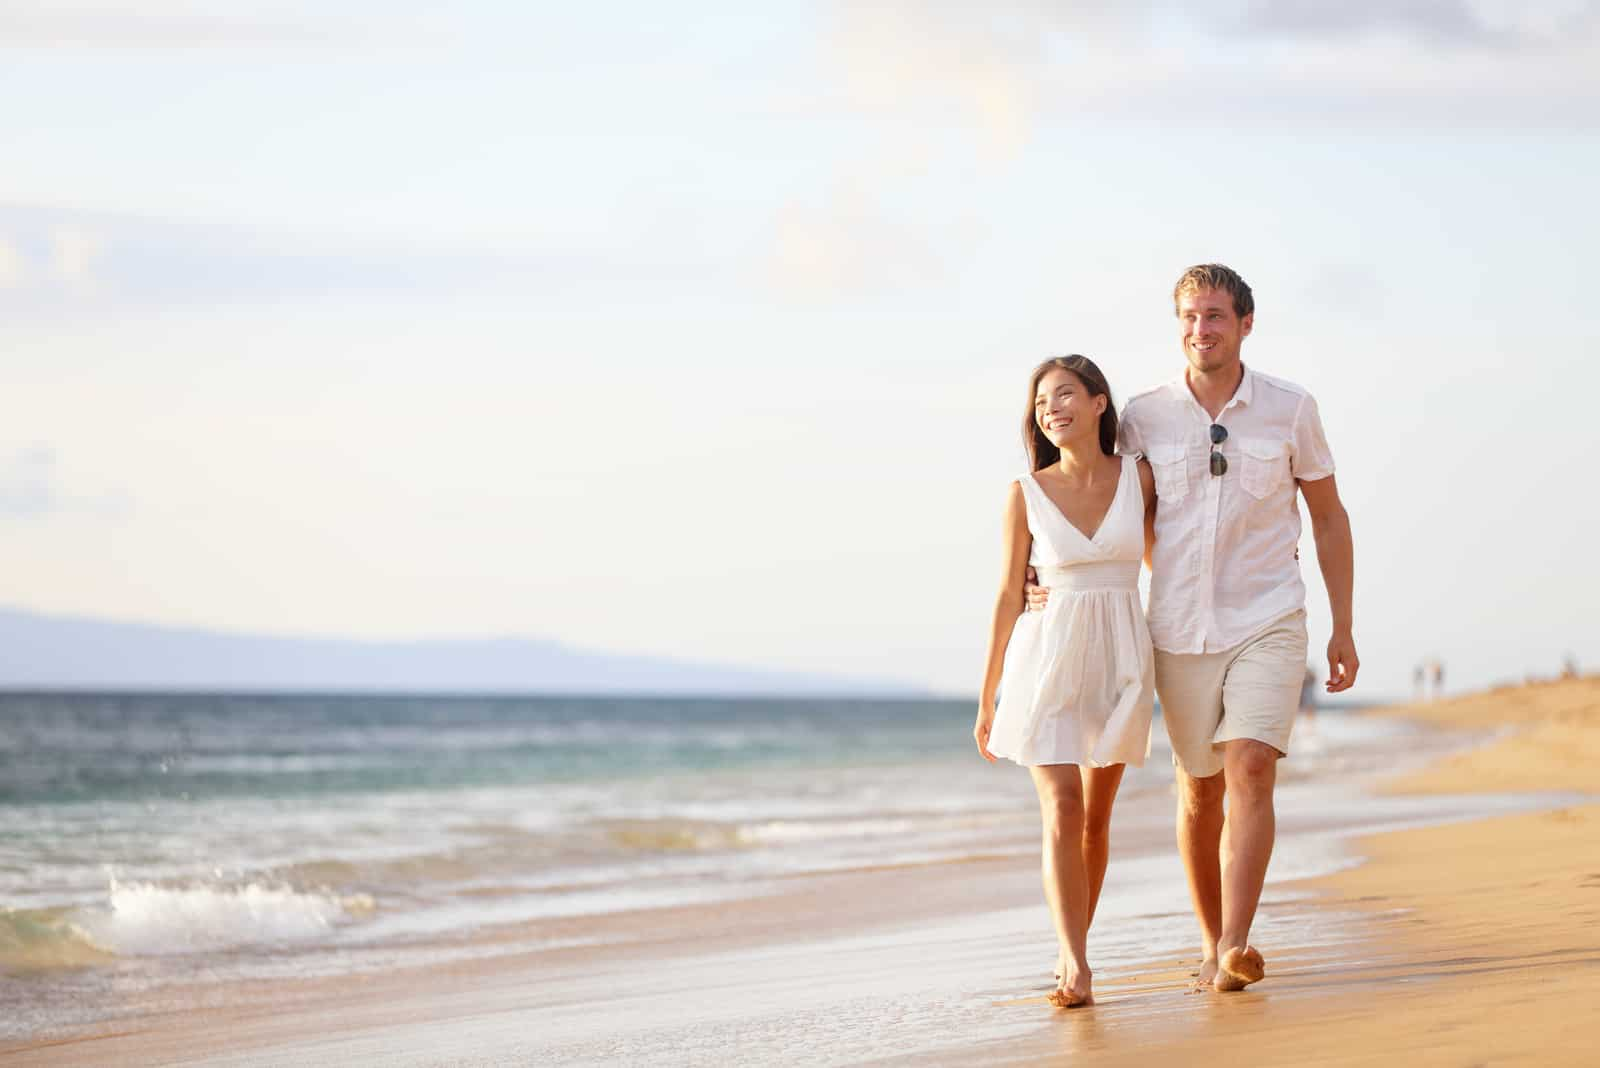 ein Mann und eine Frau gehen am Strand entlang